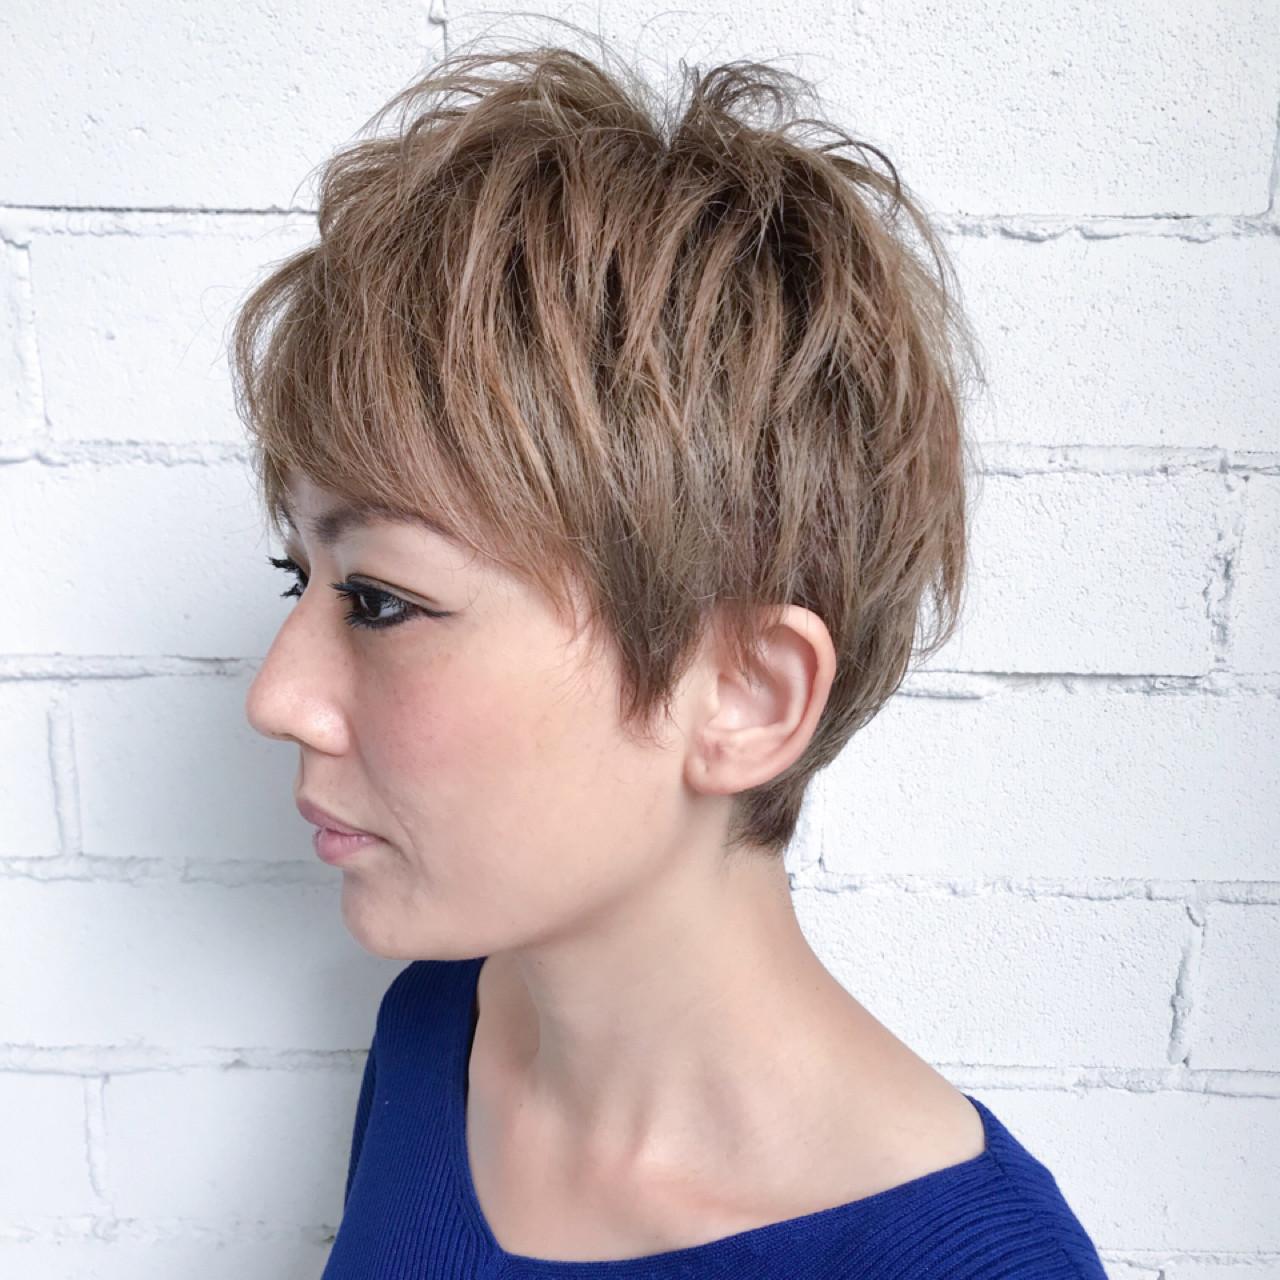 ハイトーン ベリーショート 金髪 かっこいい ヘアスタイルや髪型の写真・画像